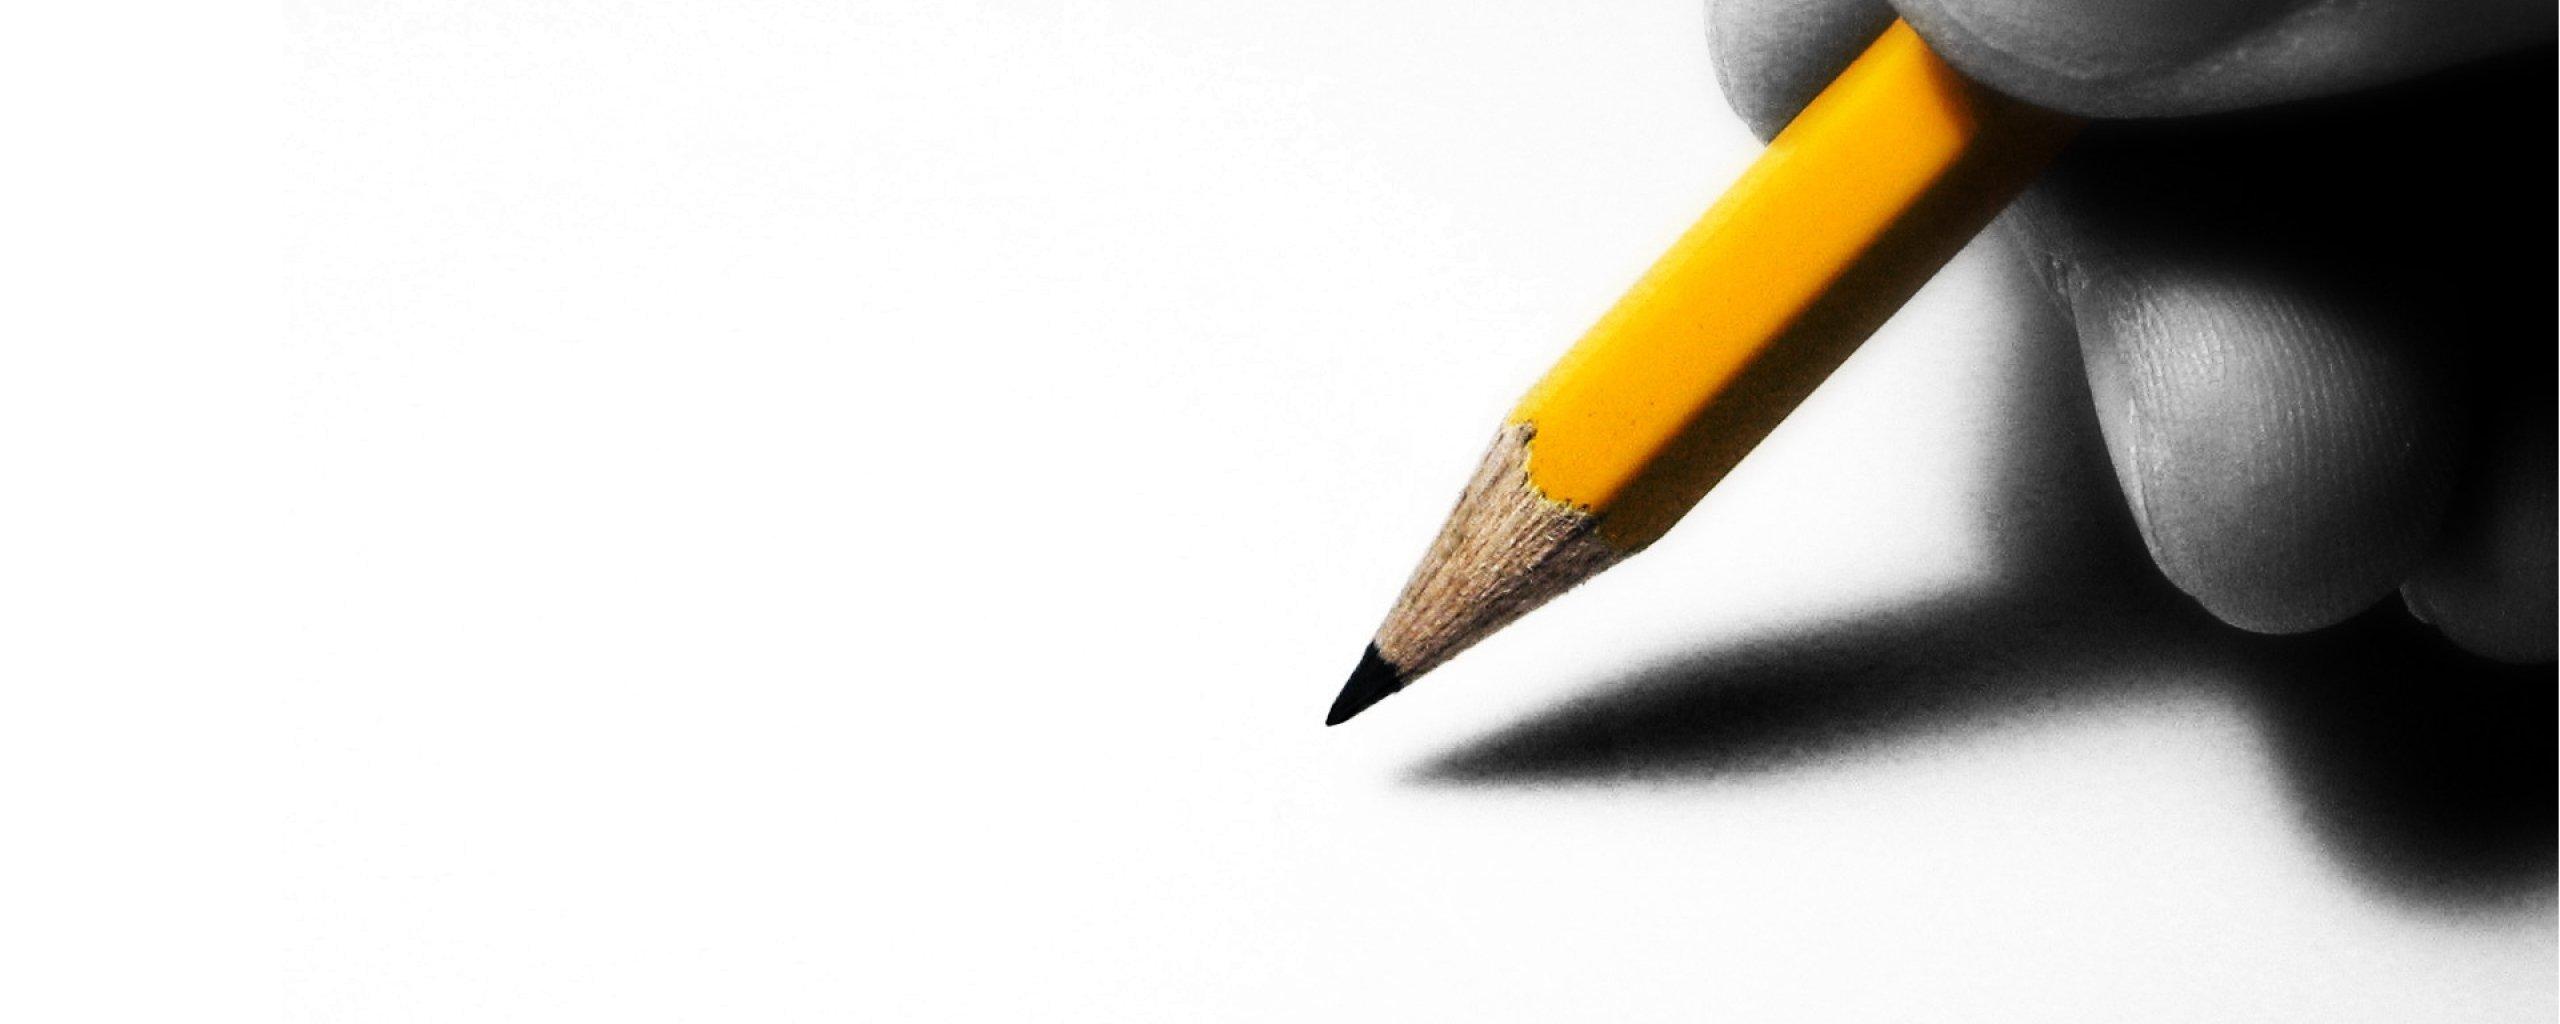 Pencil Drawing Wallpaper - WallpaperSafari